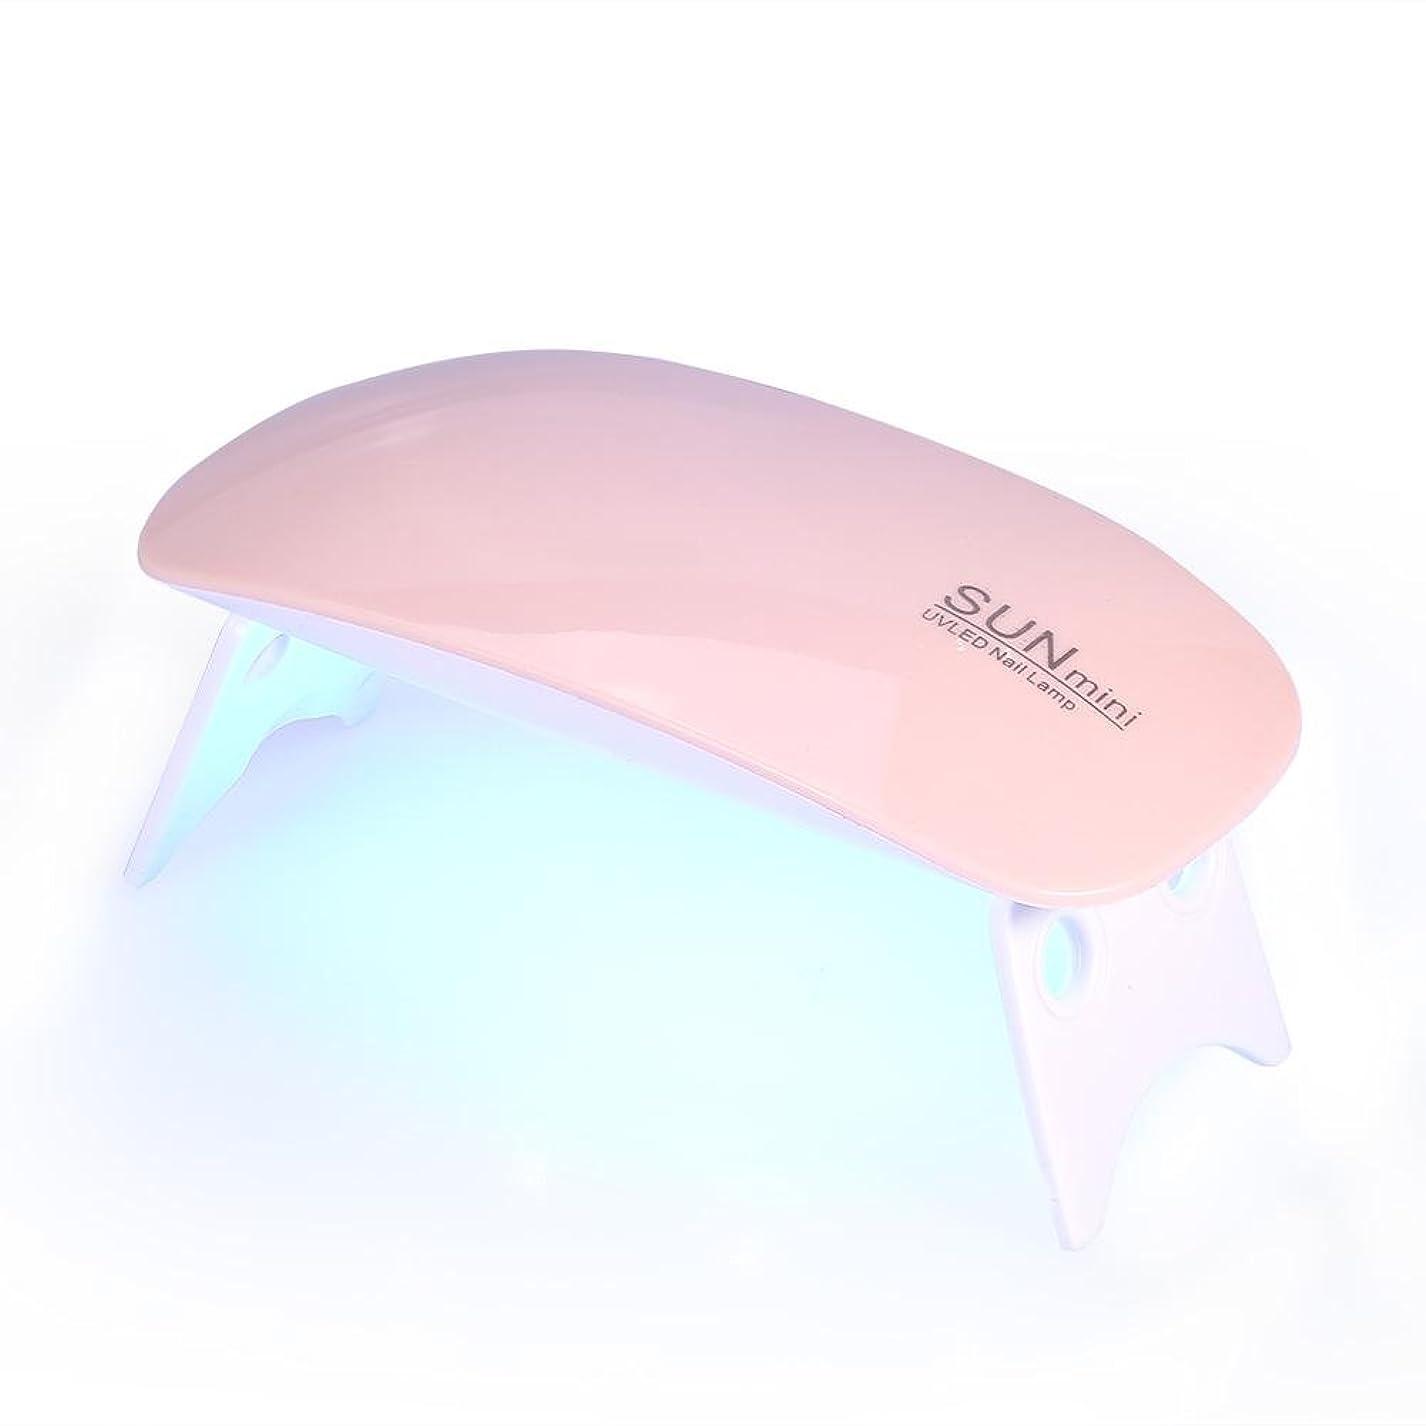 円周飢えた発表Qinlorgo UVライトLEDネイルドライヤー硬化ランプ指の爪の爪に基づく45秒60秒タイマー6ワットジェルポリッシュ機ポータブルマニキュア乾燥ツール(ピンク)